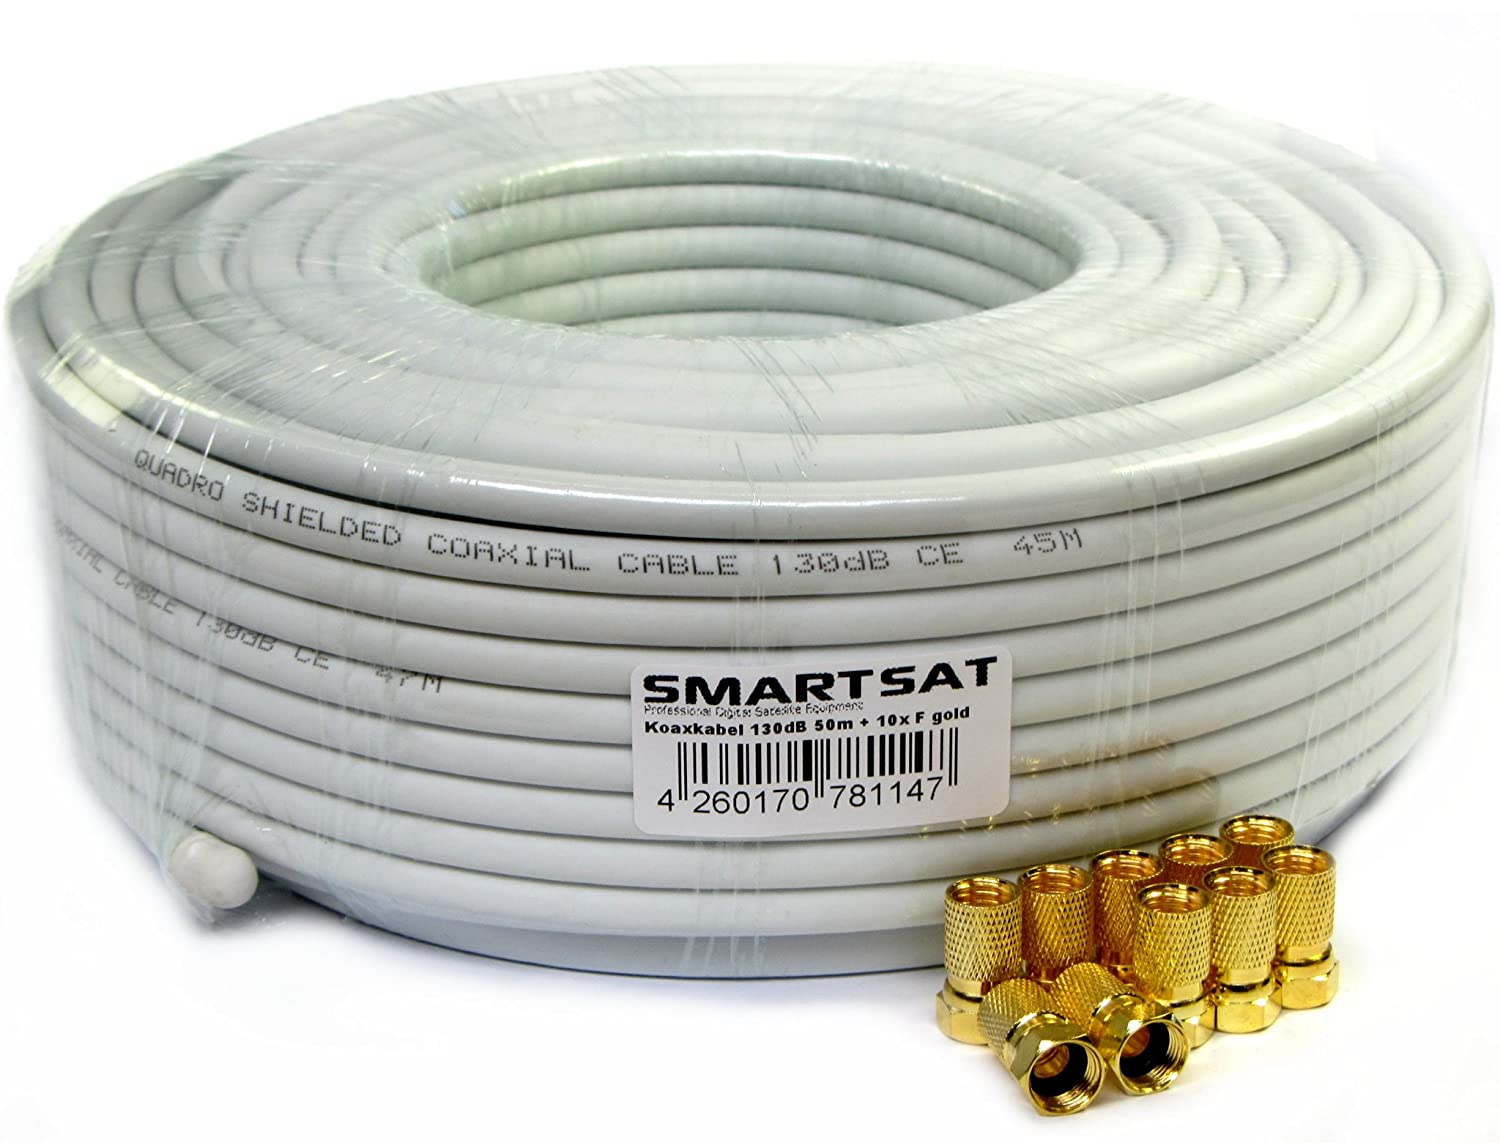 Smartsat 10 m SAT-conexión-Kit, SAT-Cable 4 x F-connettore, de protección de 2 x, 1 x pelador de Basic HDTV, UHD y 3D salubres: Amazon.es: Hogar